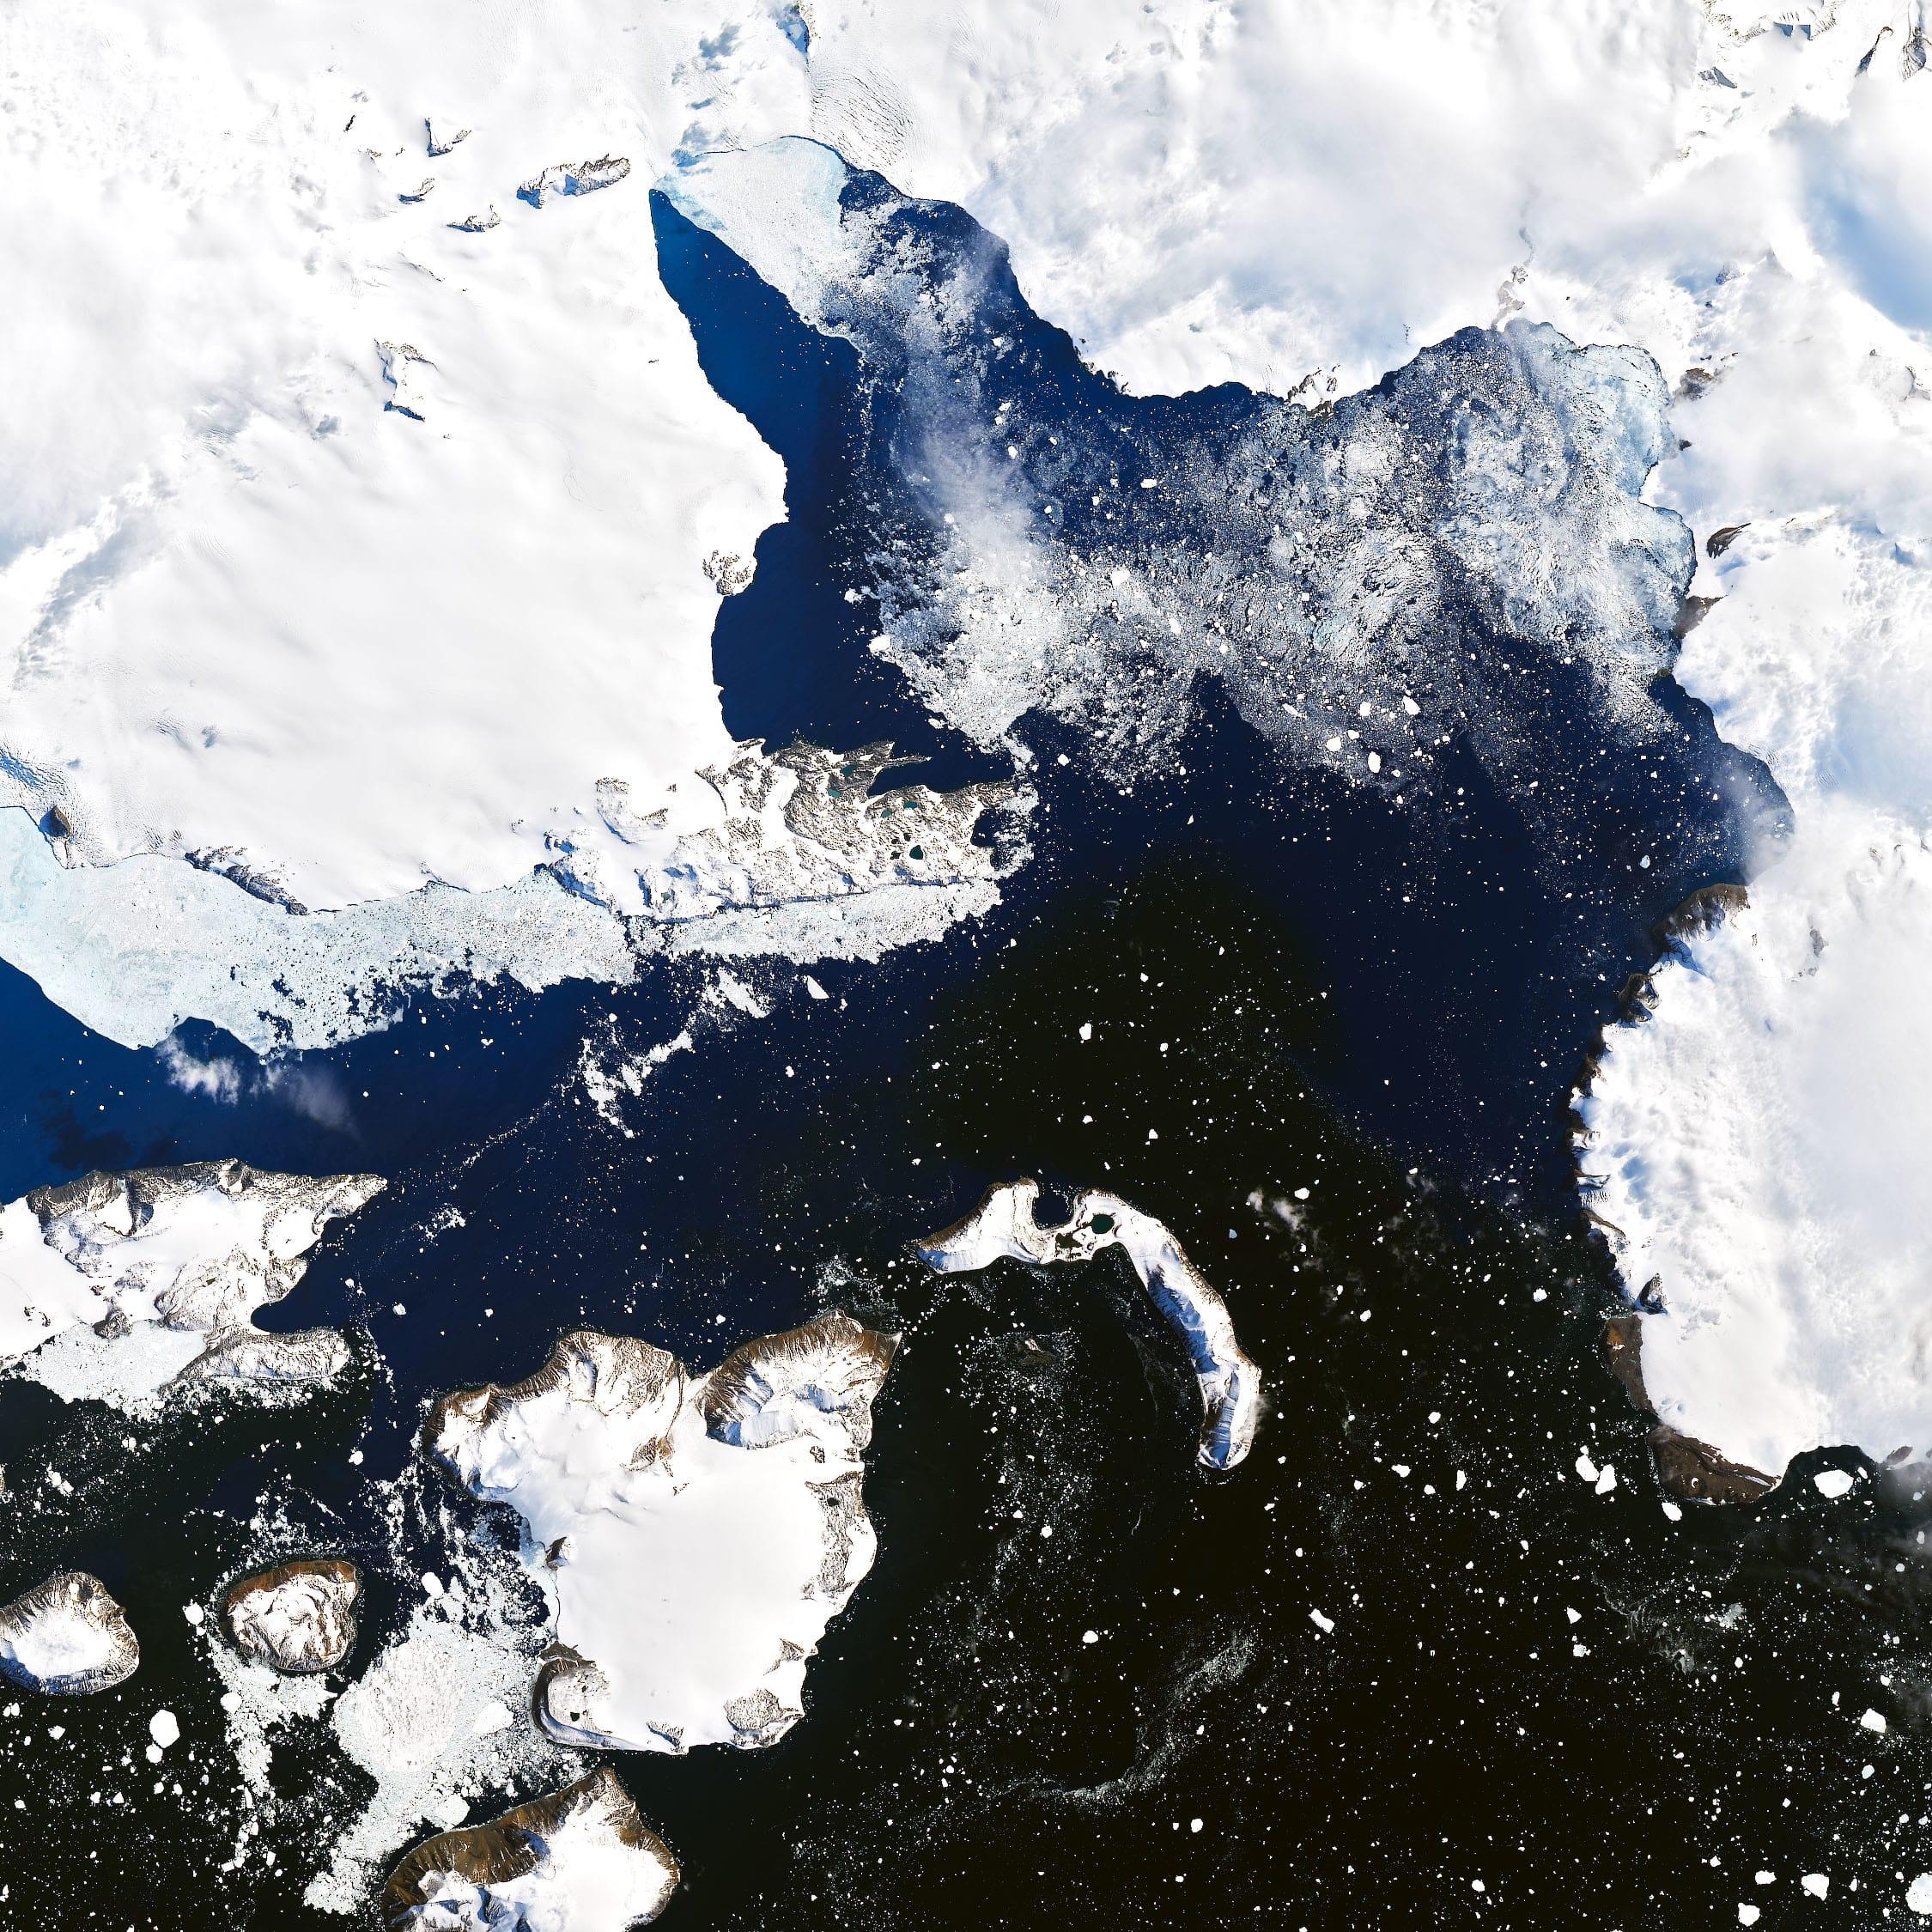 Antarctica-4 Feb 2020